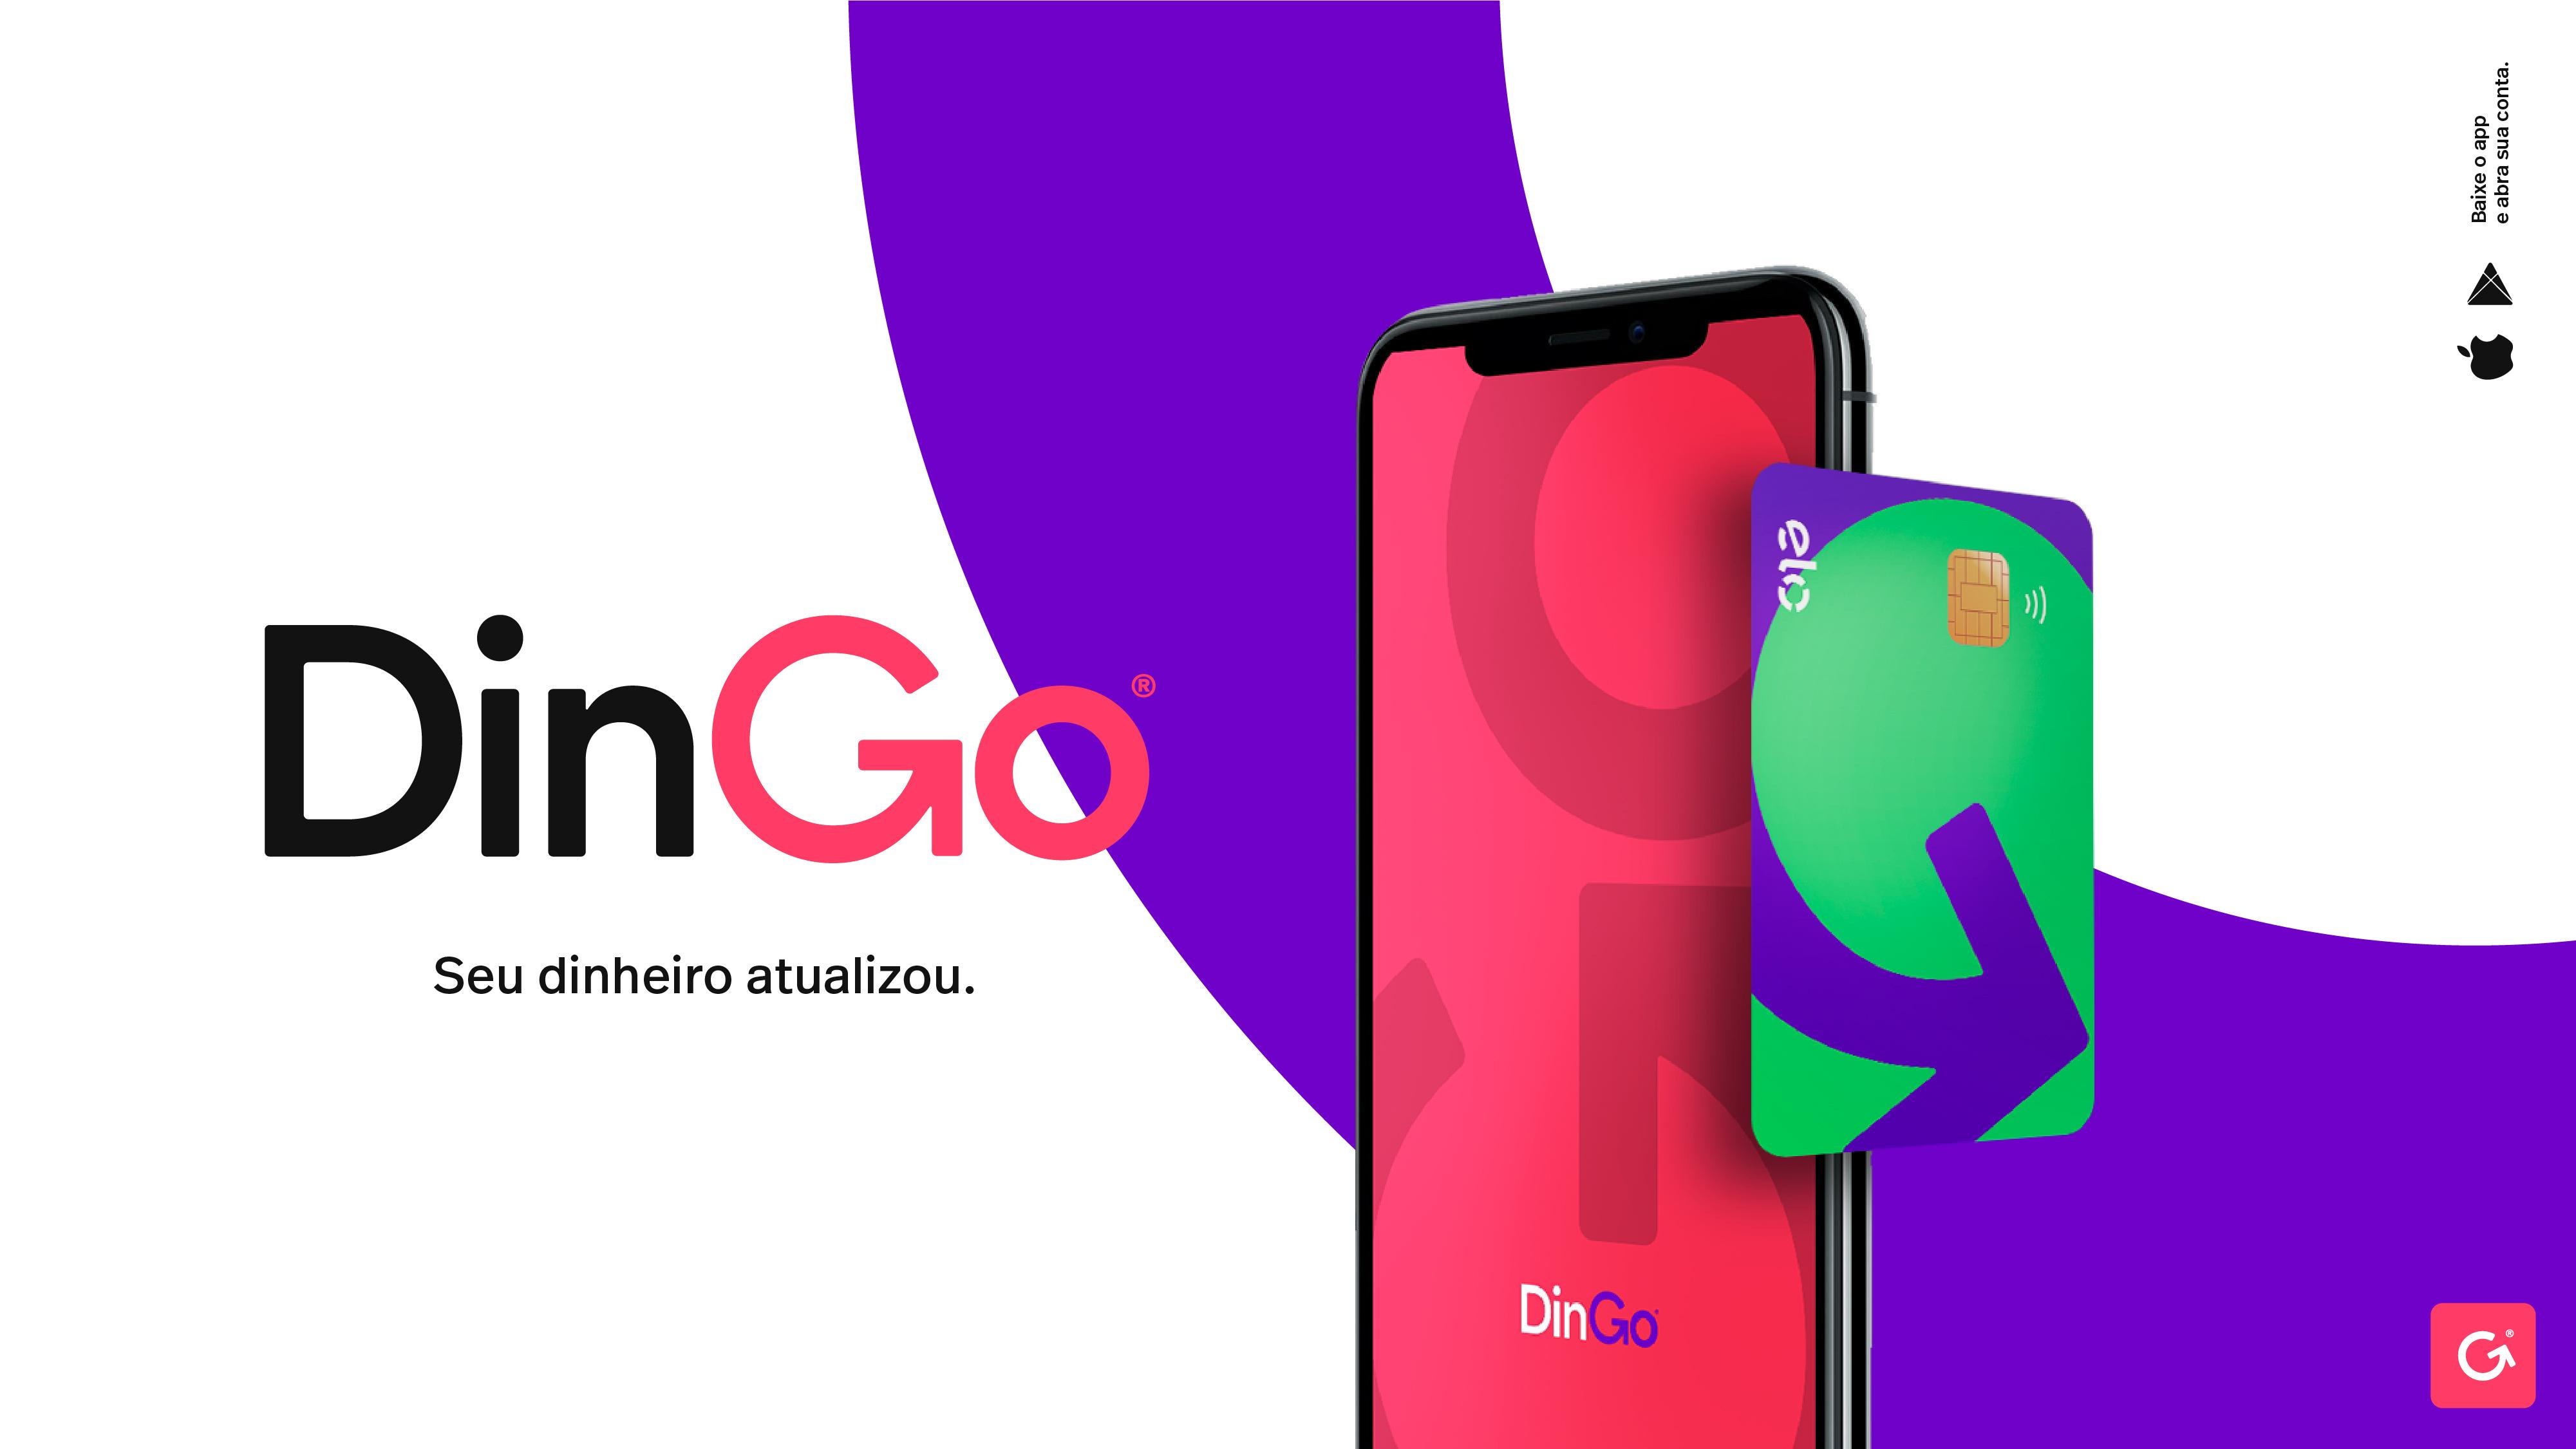 dingo-10